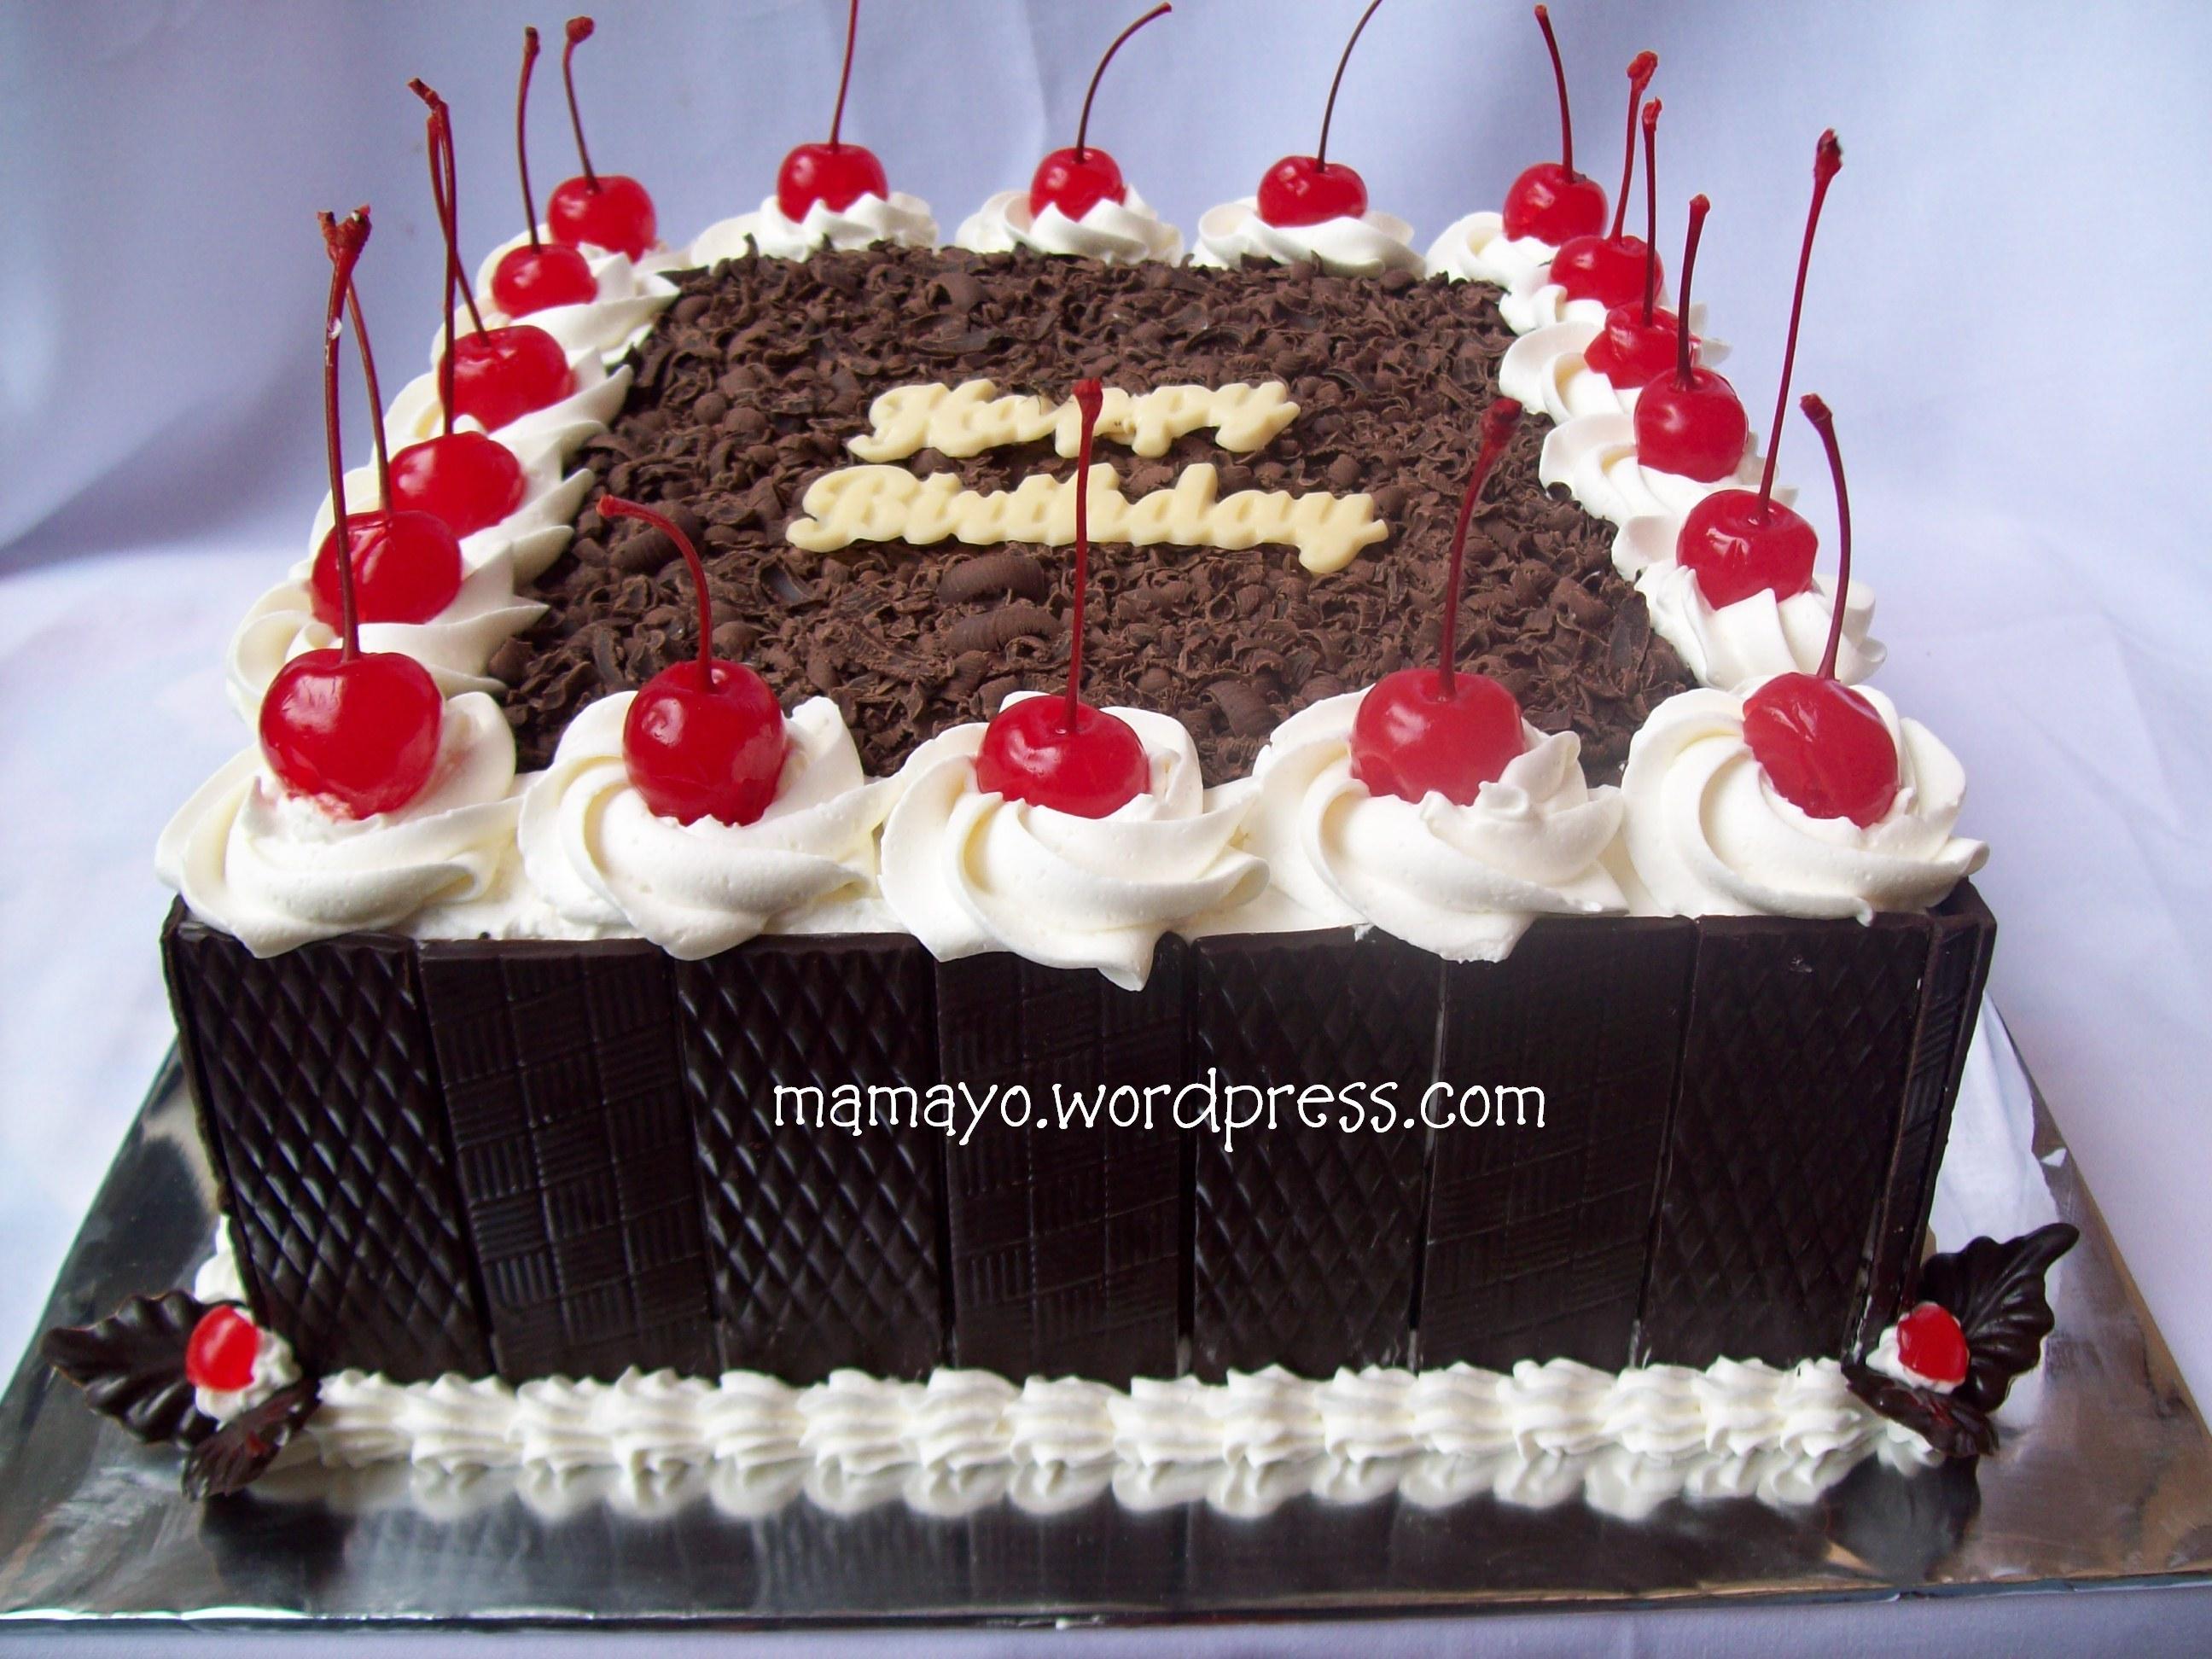 Black forest merupakan cake yang banyak sekali di-request oleh pembaca ...